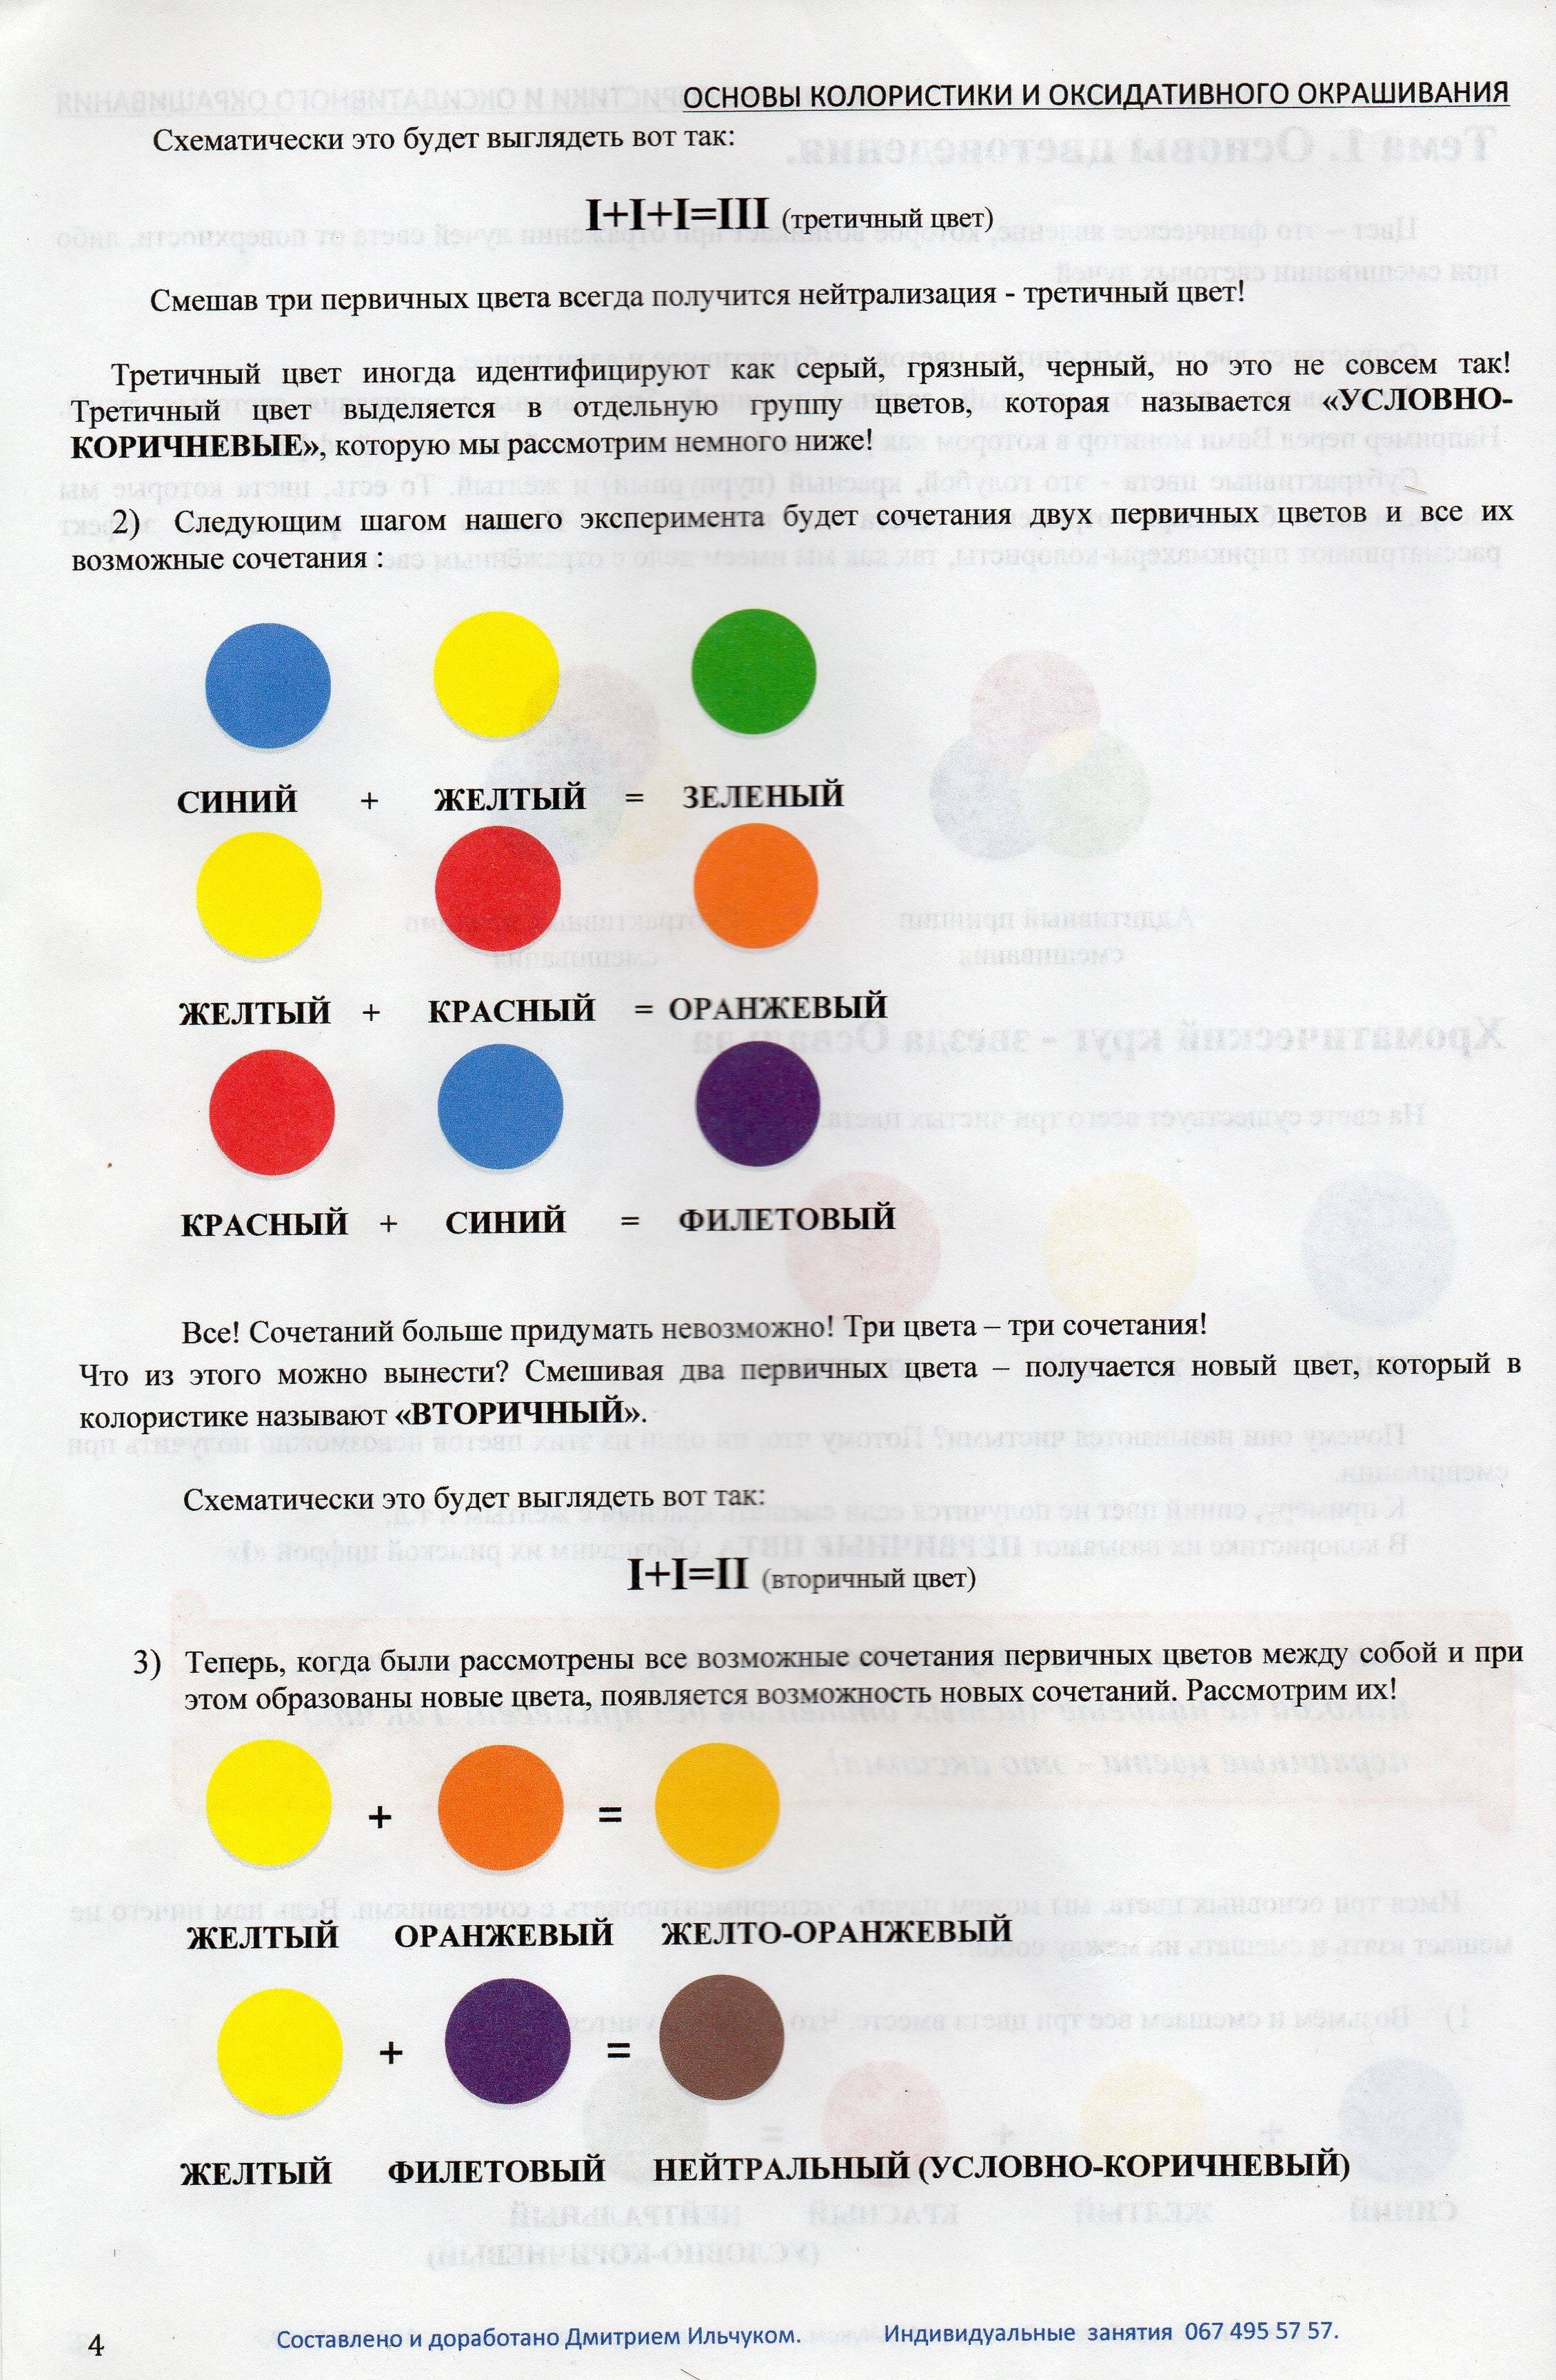 Колористика и цветоведение для парикмахеров. основы колористики